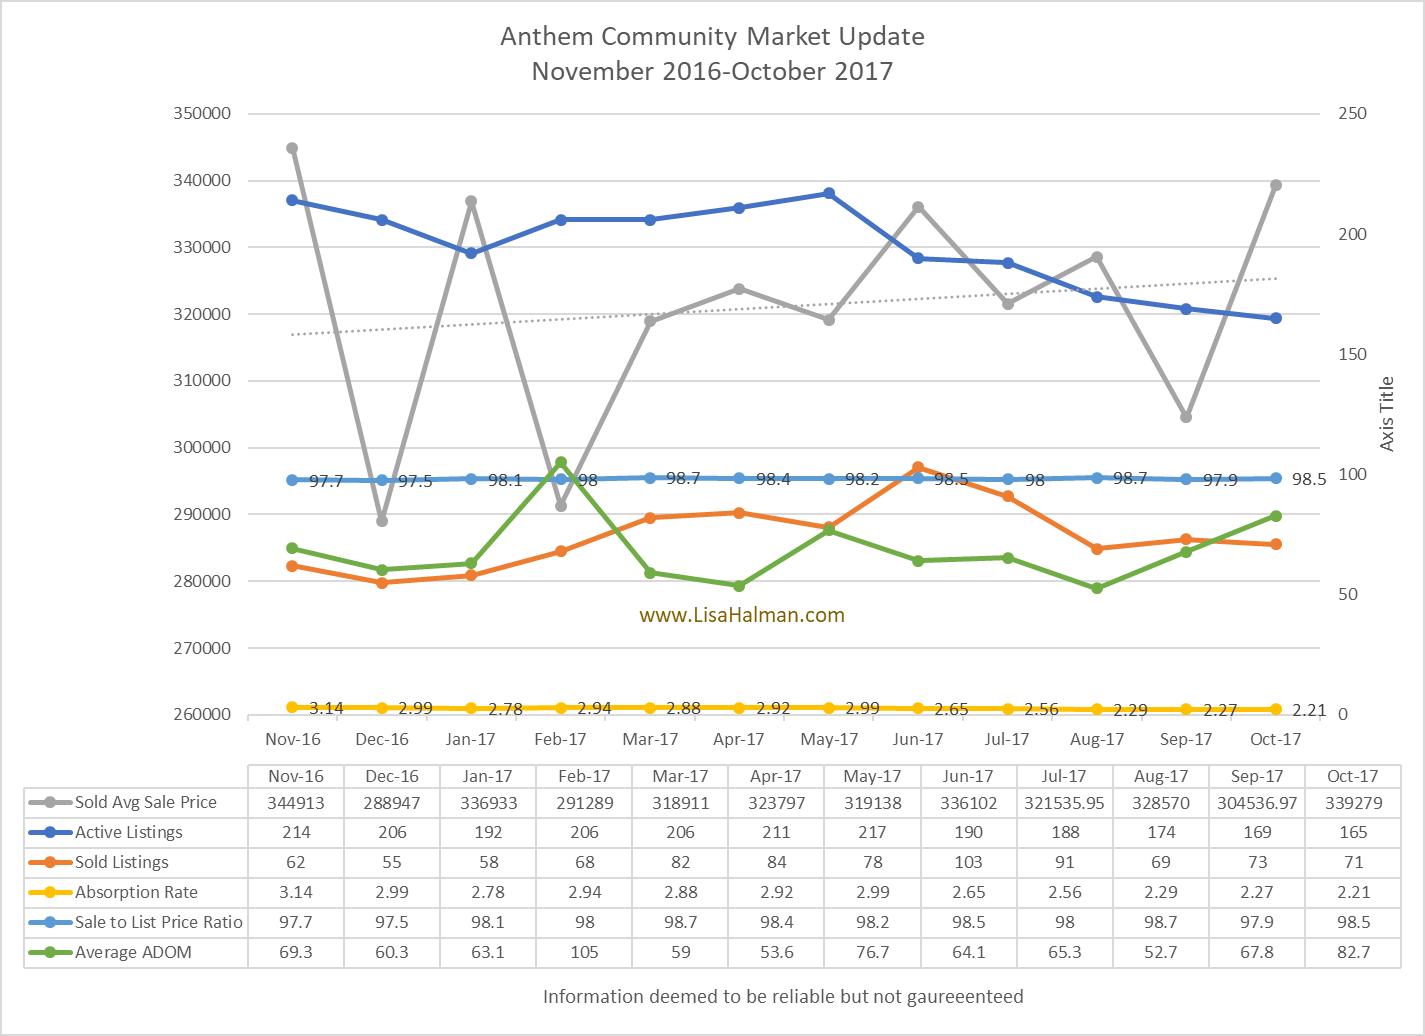 Anthem Market Update October 2017